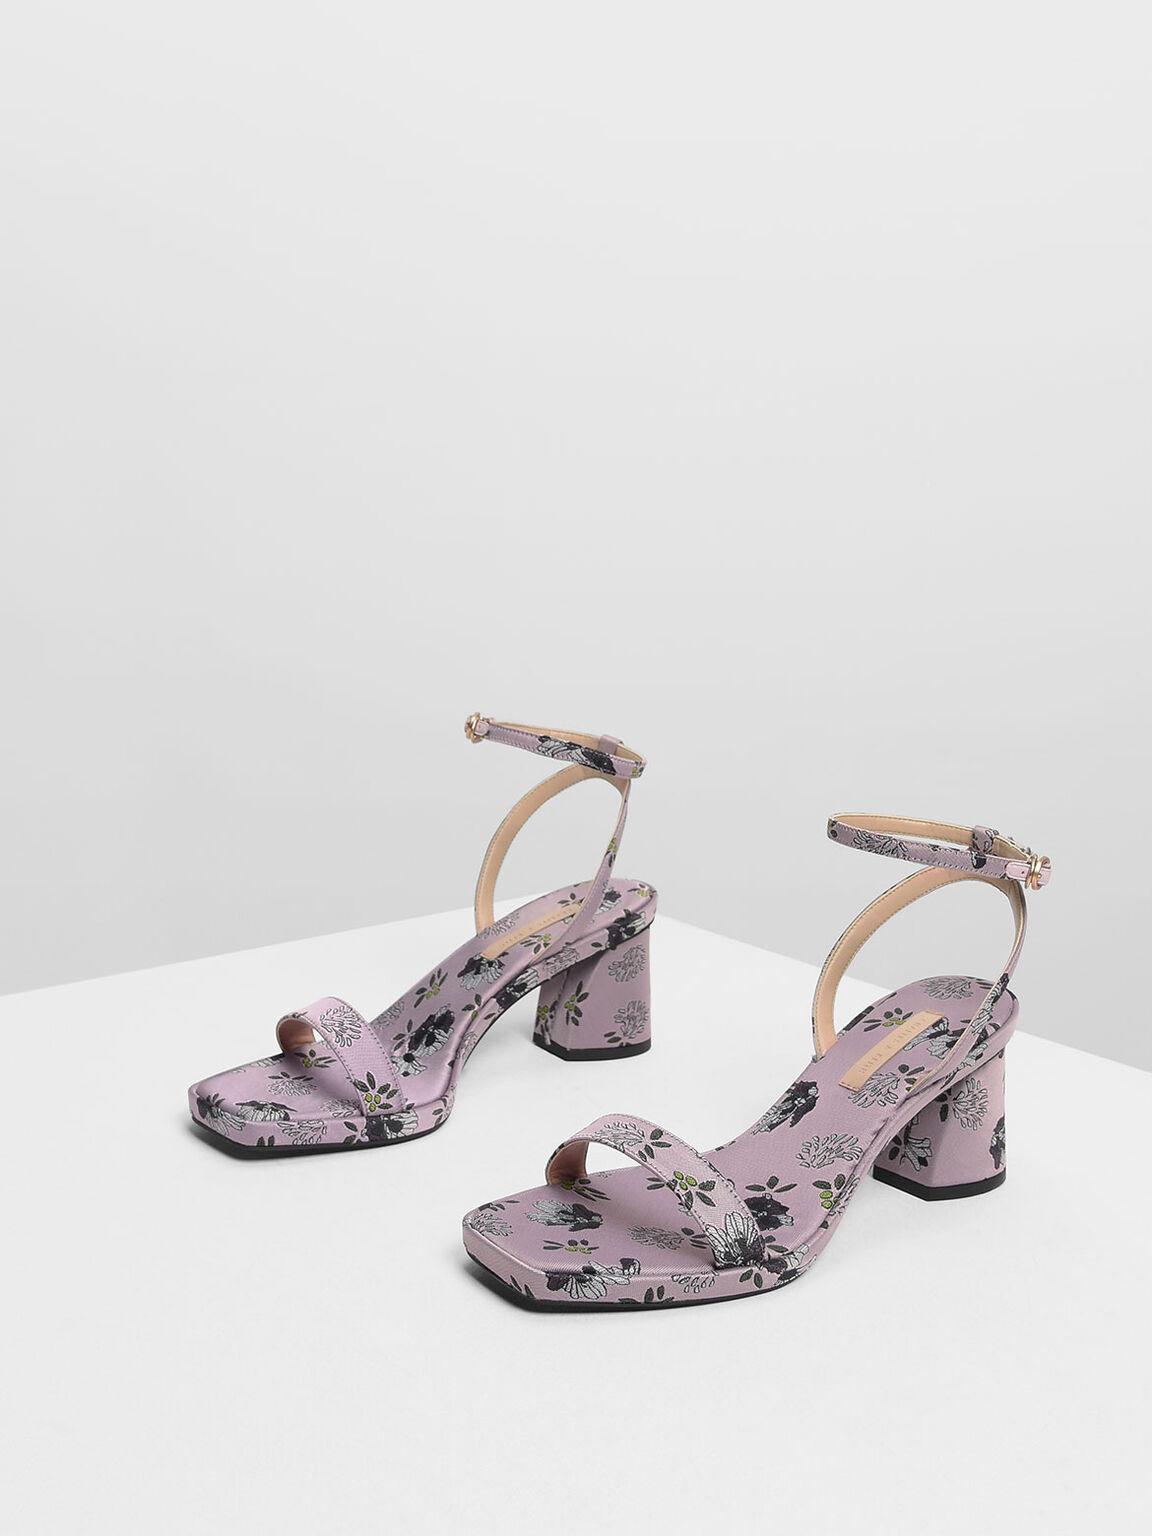 Ankle Strap Platform Sandals, Lilac, hi-res